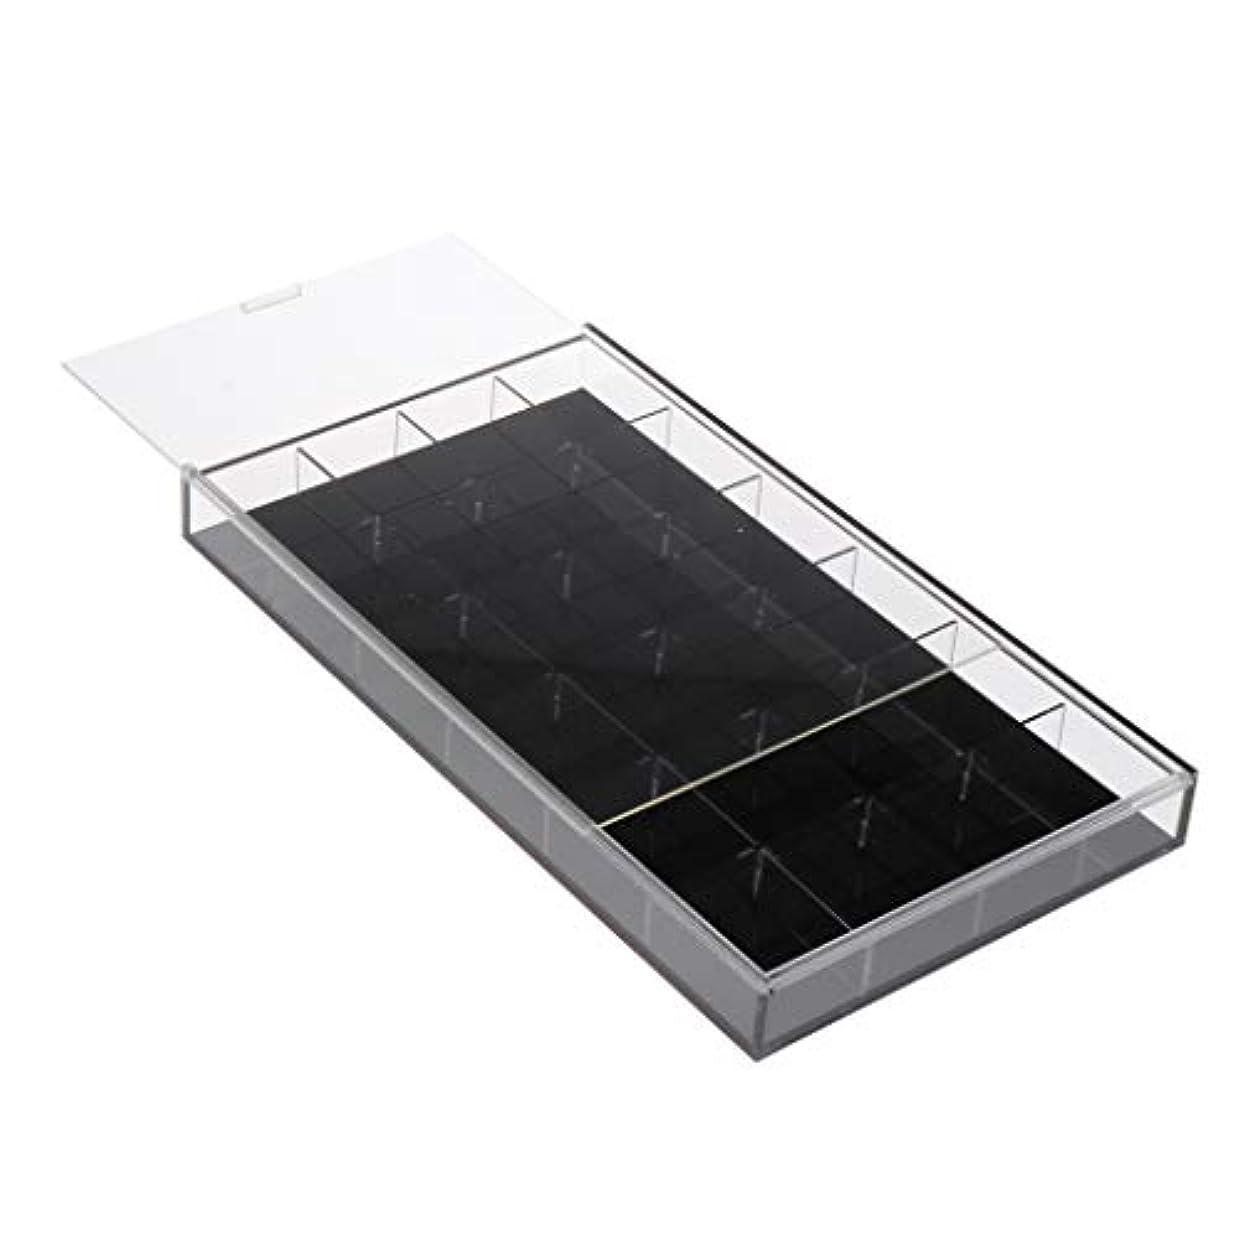 速い同僚翻訳CUTICATE ジュエリー 収納ケース 24グリッド ネイルアート ラインストーン ビーズ 収納ボックス 全2カラー - 黒